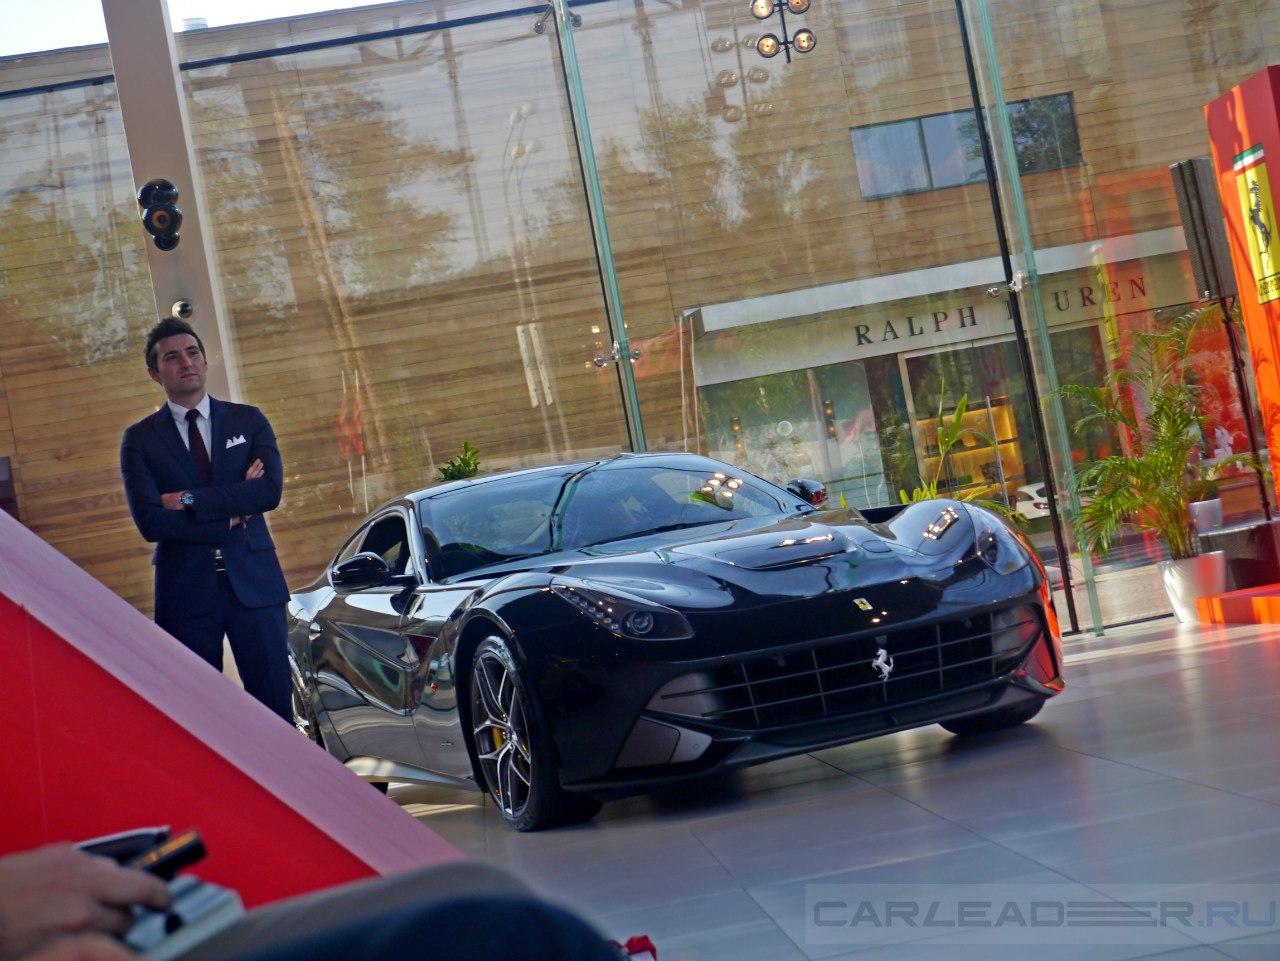 Однако и Berlinetta в черном исполнении выглядит эффектно. Массимо Галотта особенно гордится многослойным черным перламутровым цветом.